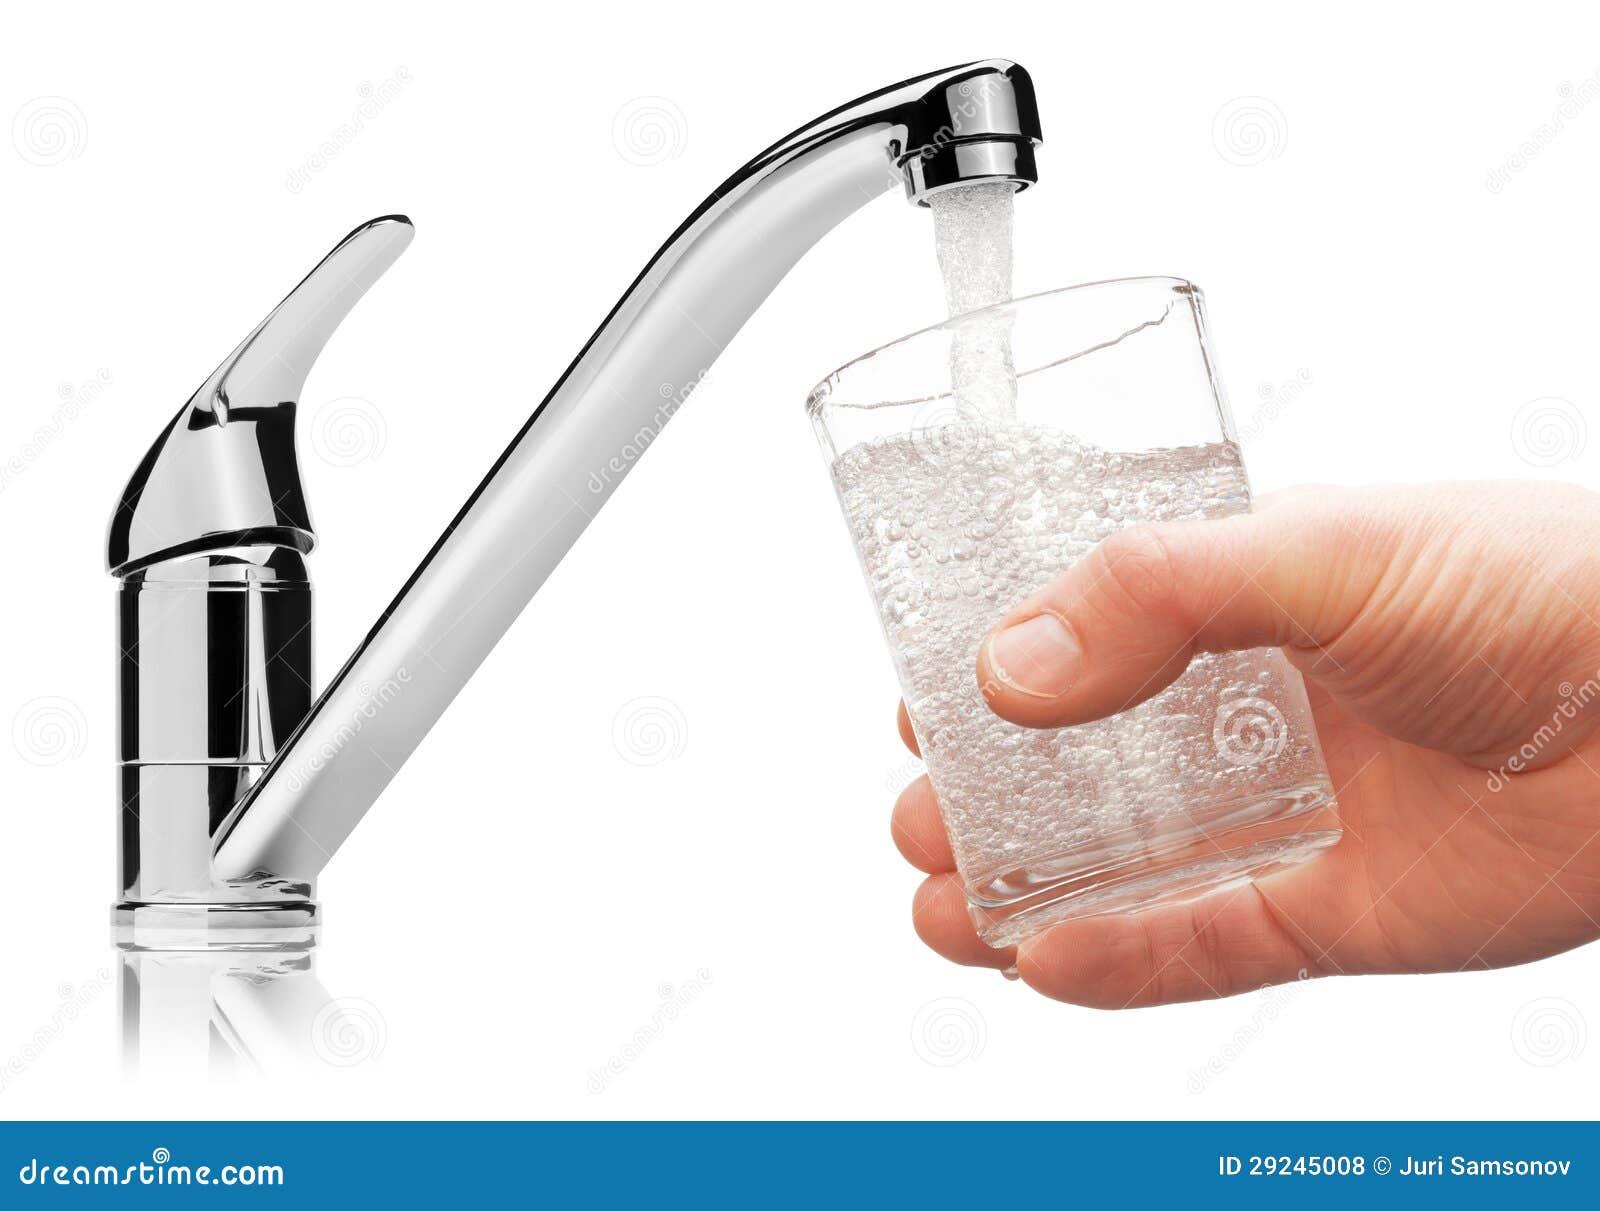 Vetro riempito di acqua potabile dal rubinetto.